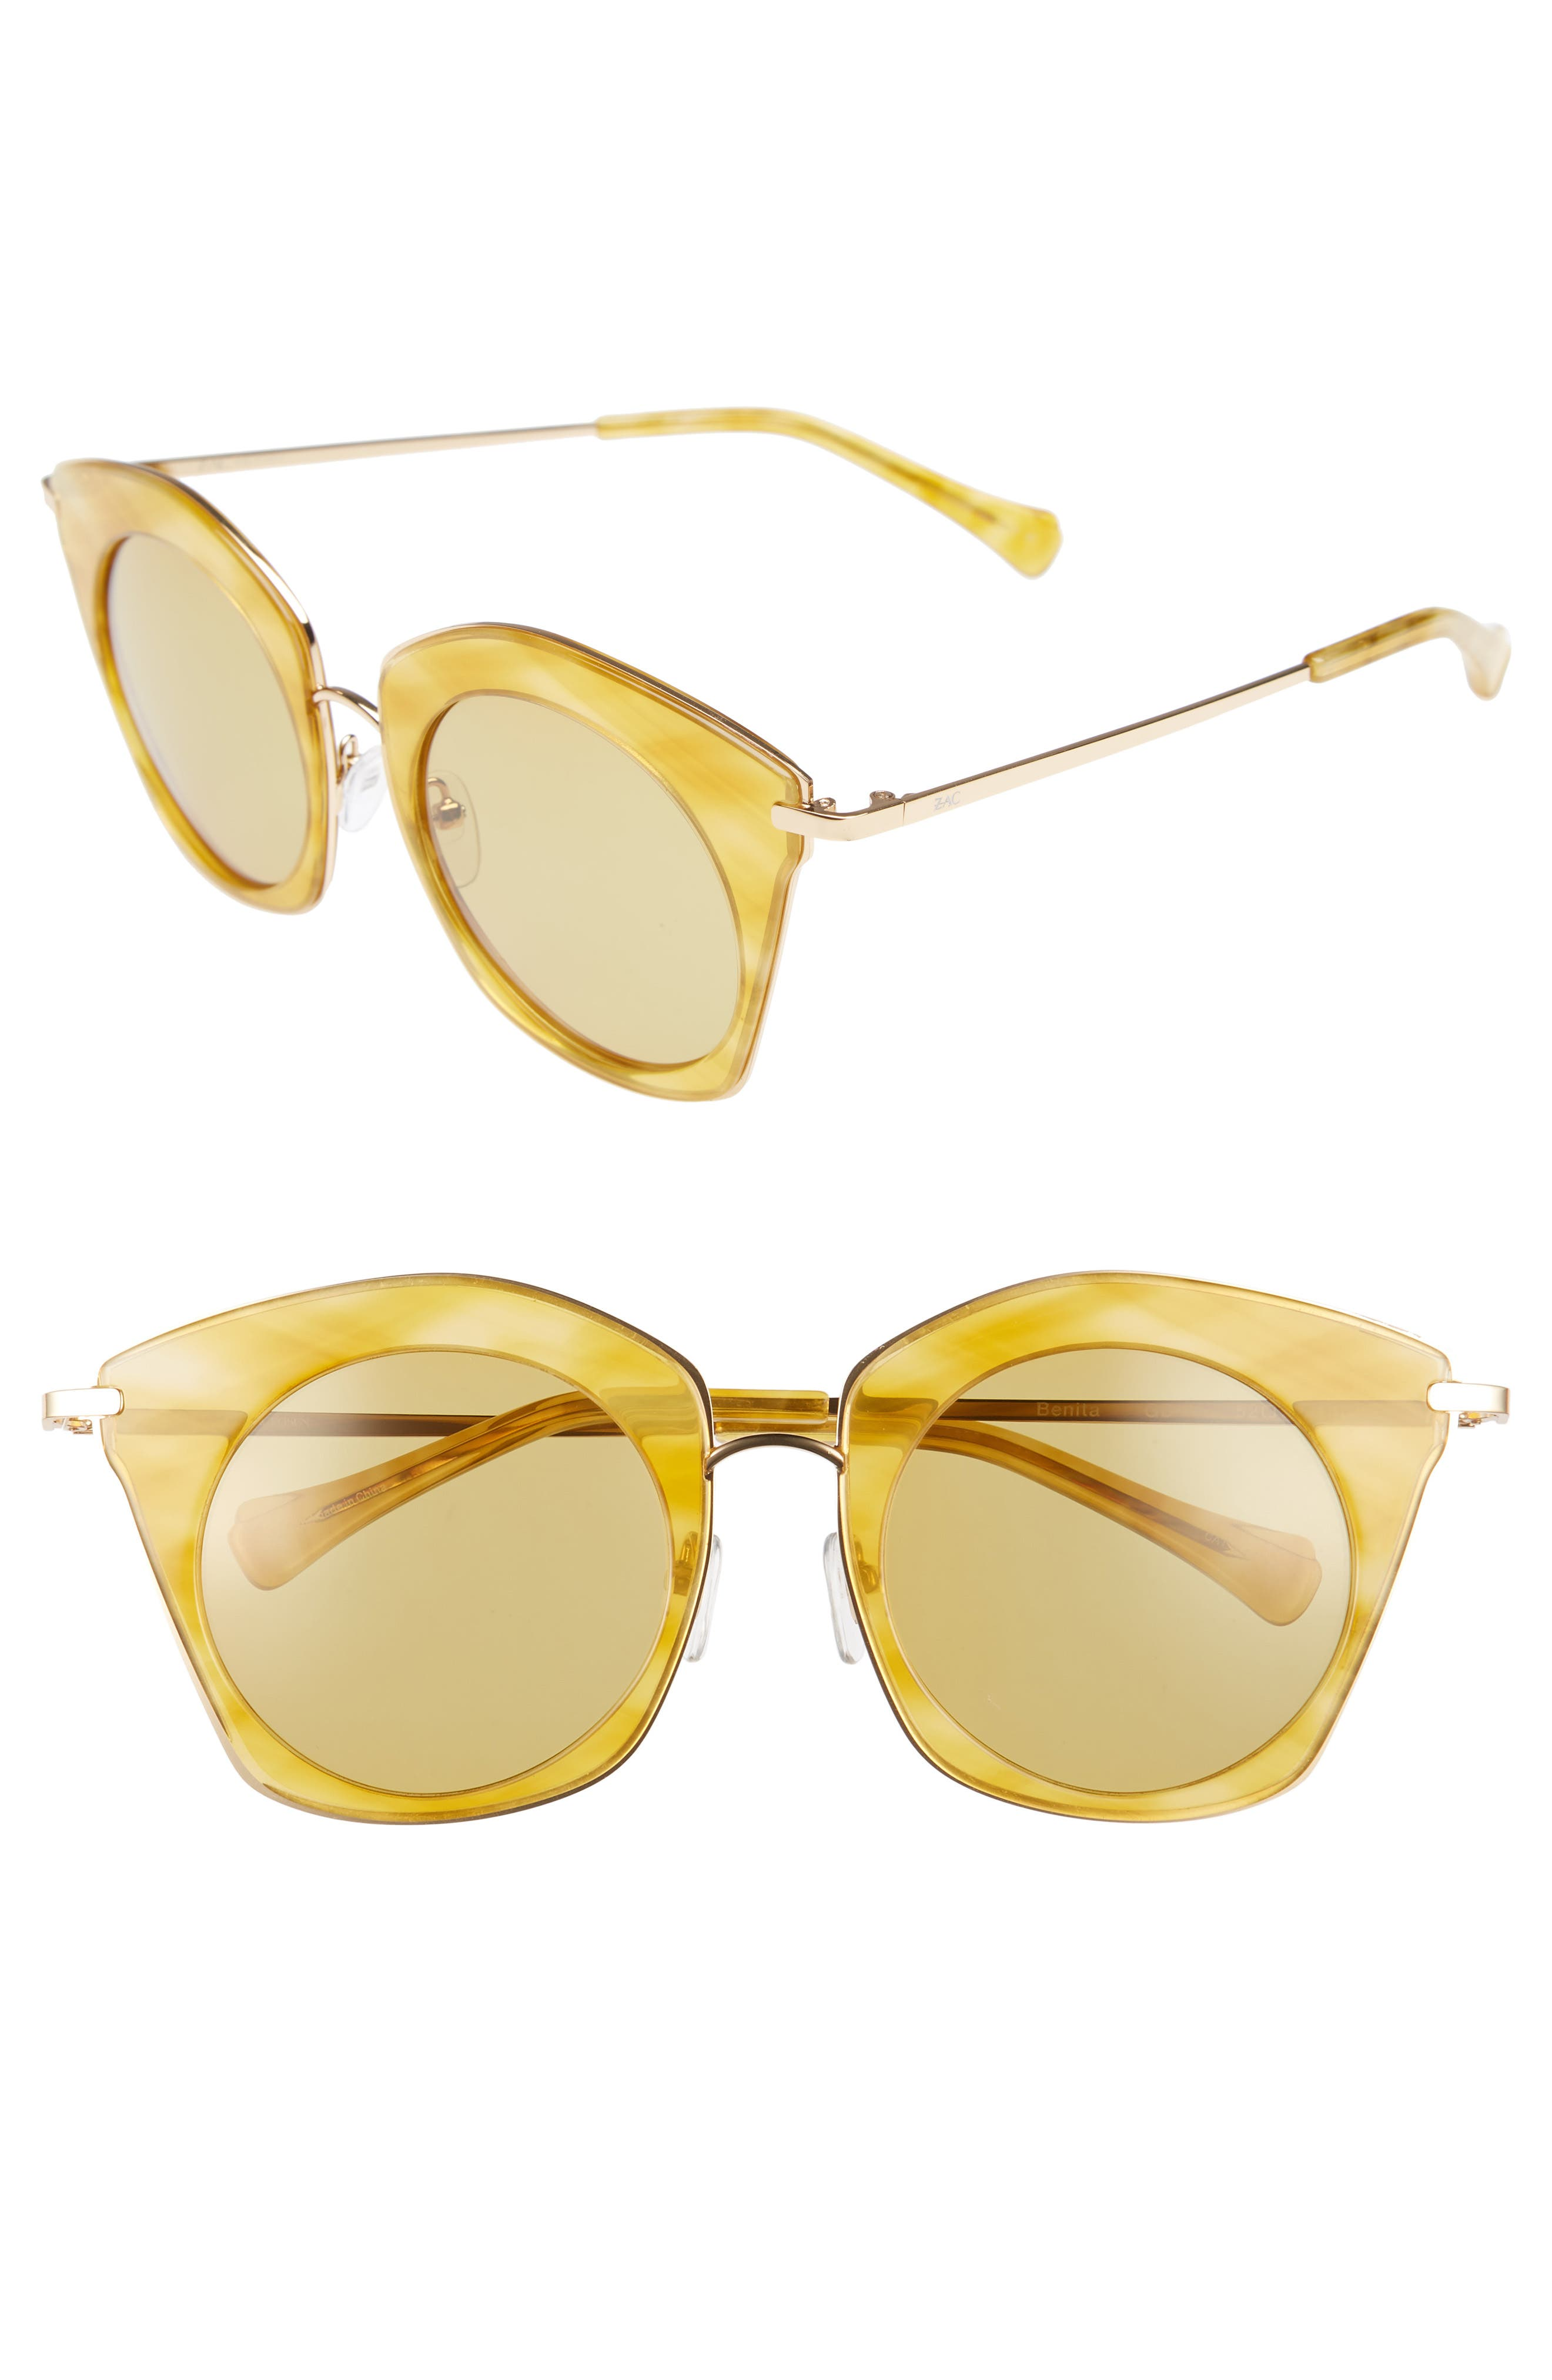 Benita 52mm Polarized Sunglasses,                             Main thumbnail 1, color,                             Gold Polar